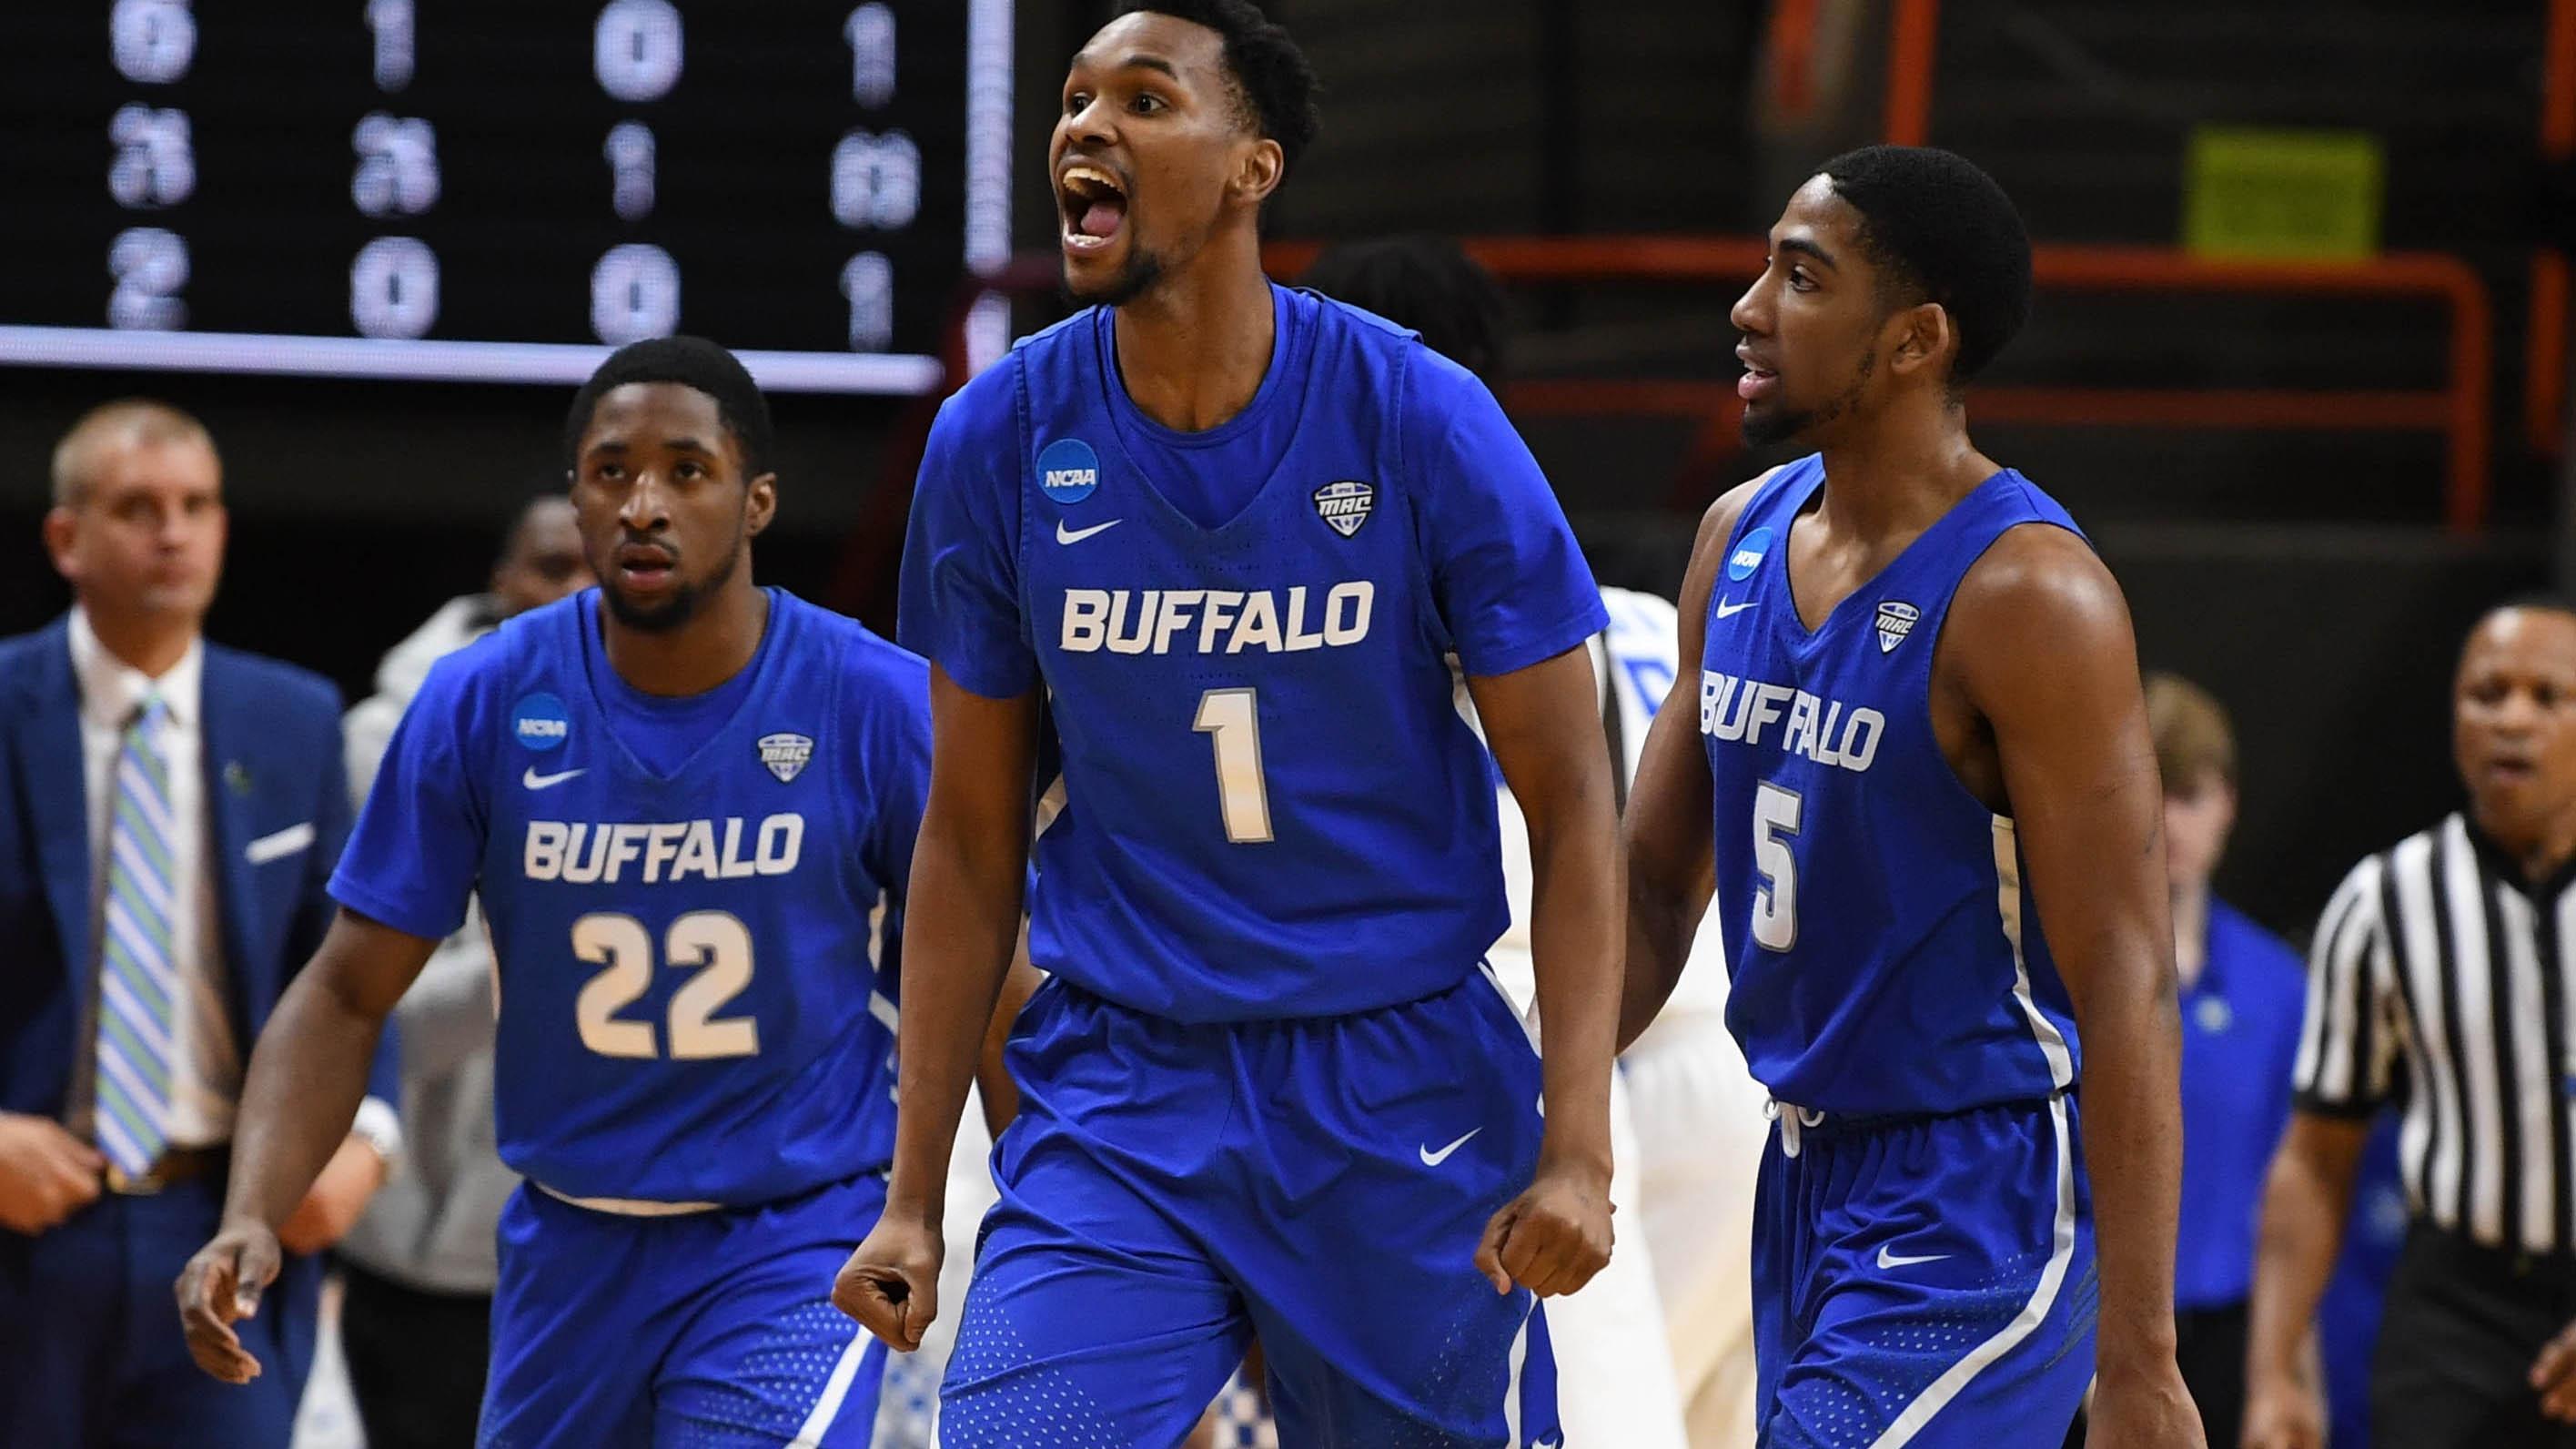 Buffalo Bulls players celebrate